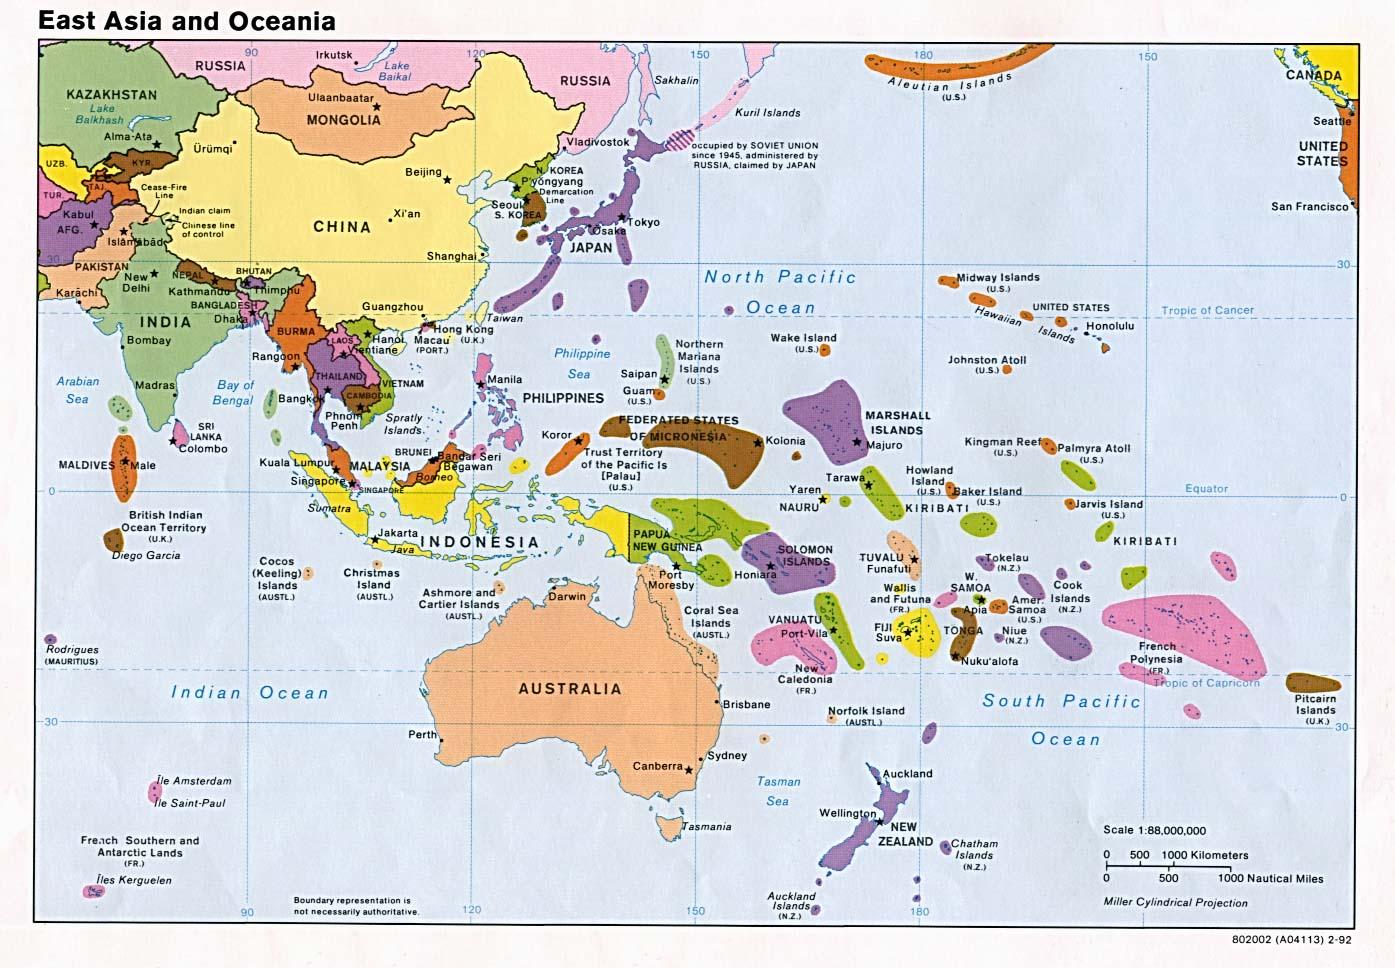 Asia del Este y Oceania 1992